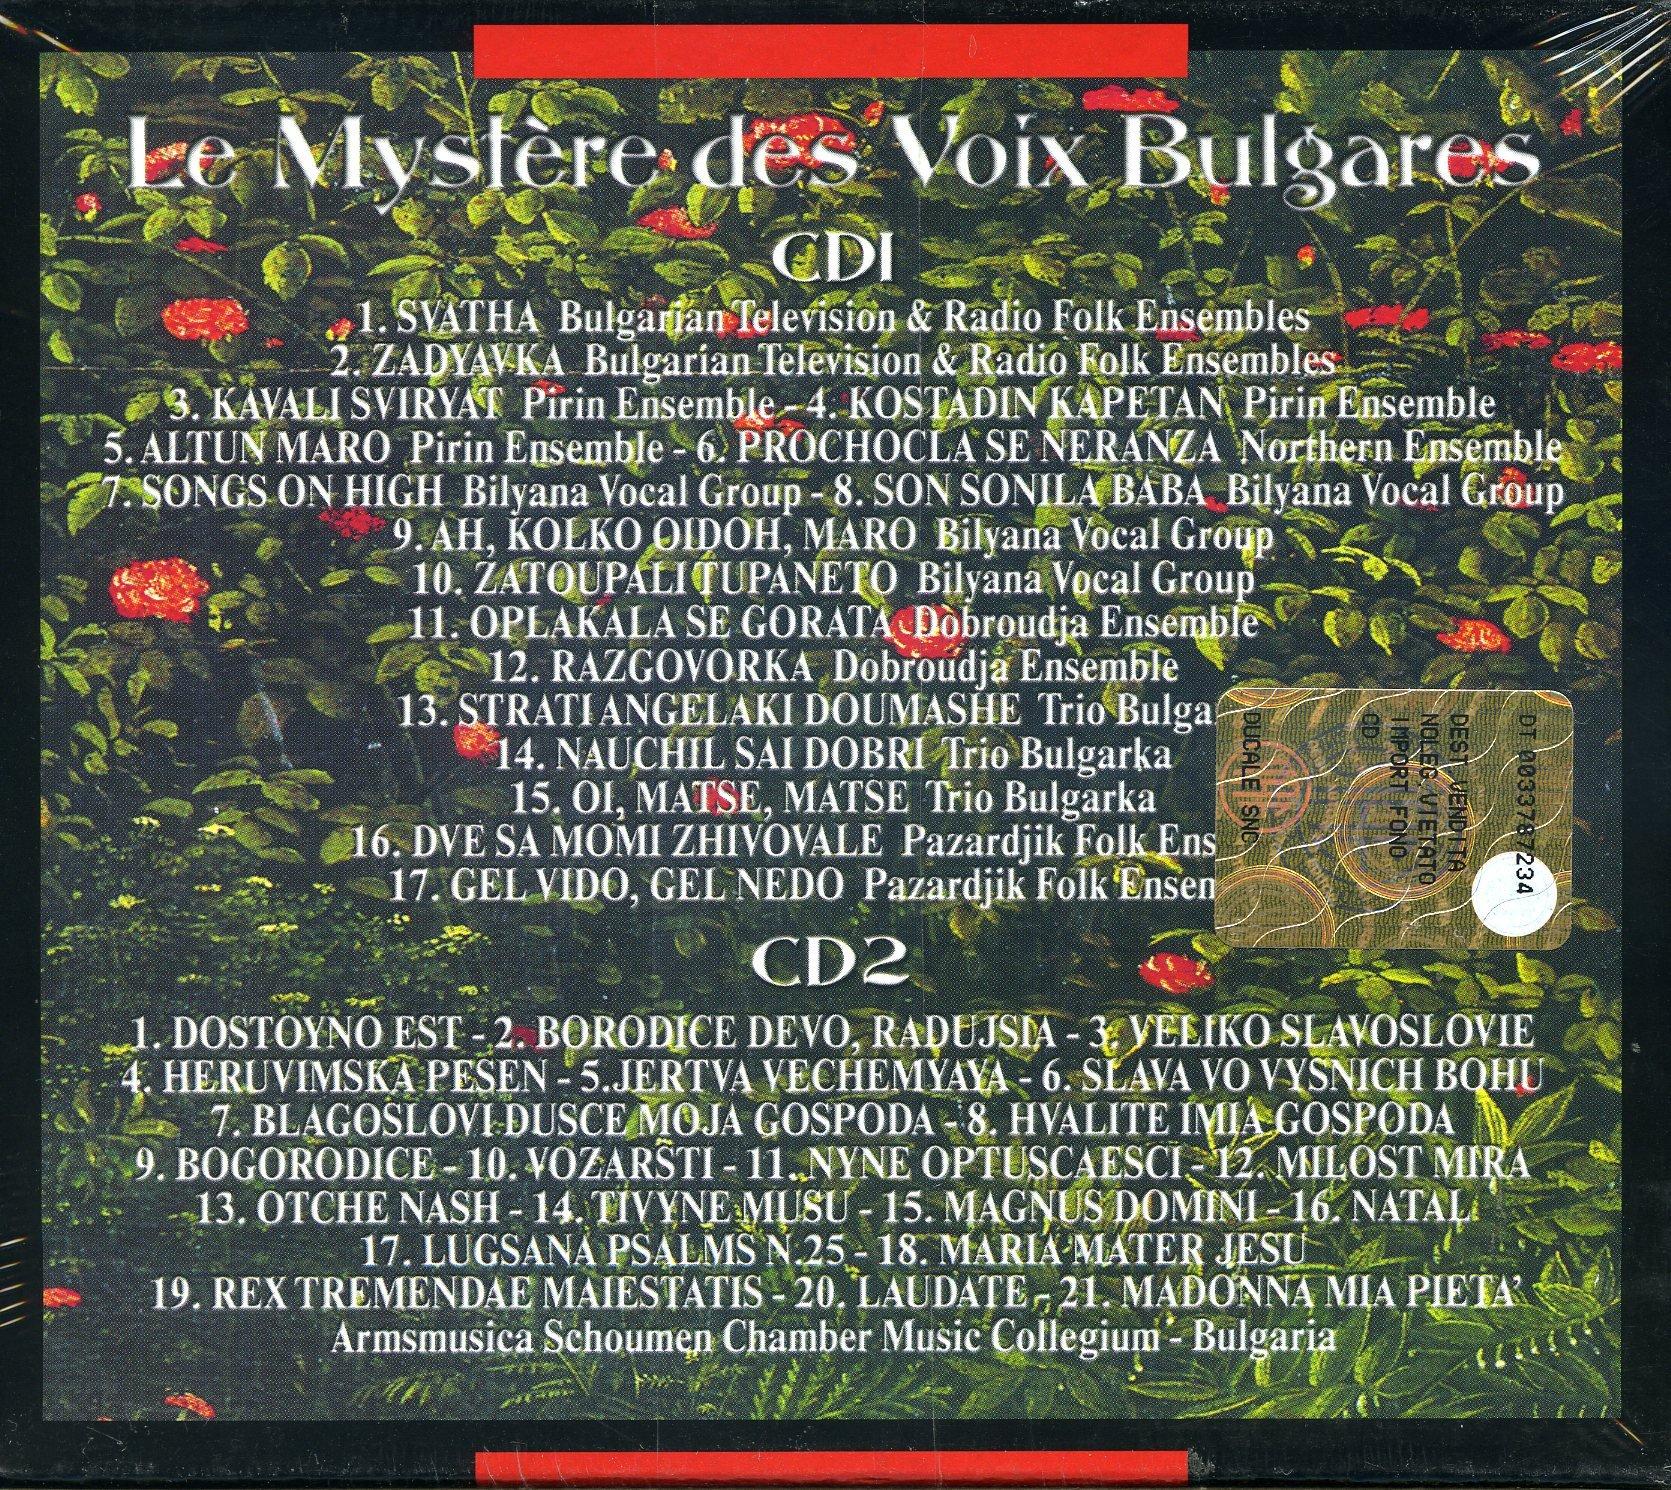 Mystere Des Voix Bulgares by Le Mystere des Voix Bulgares